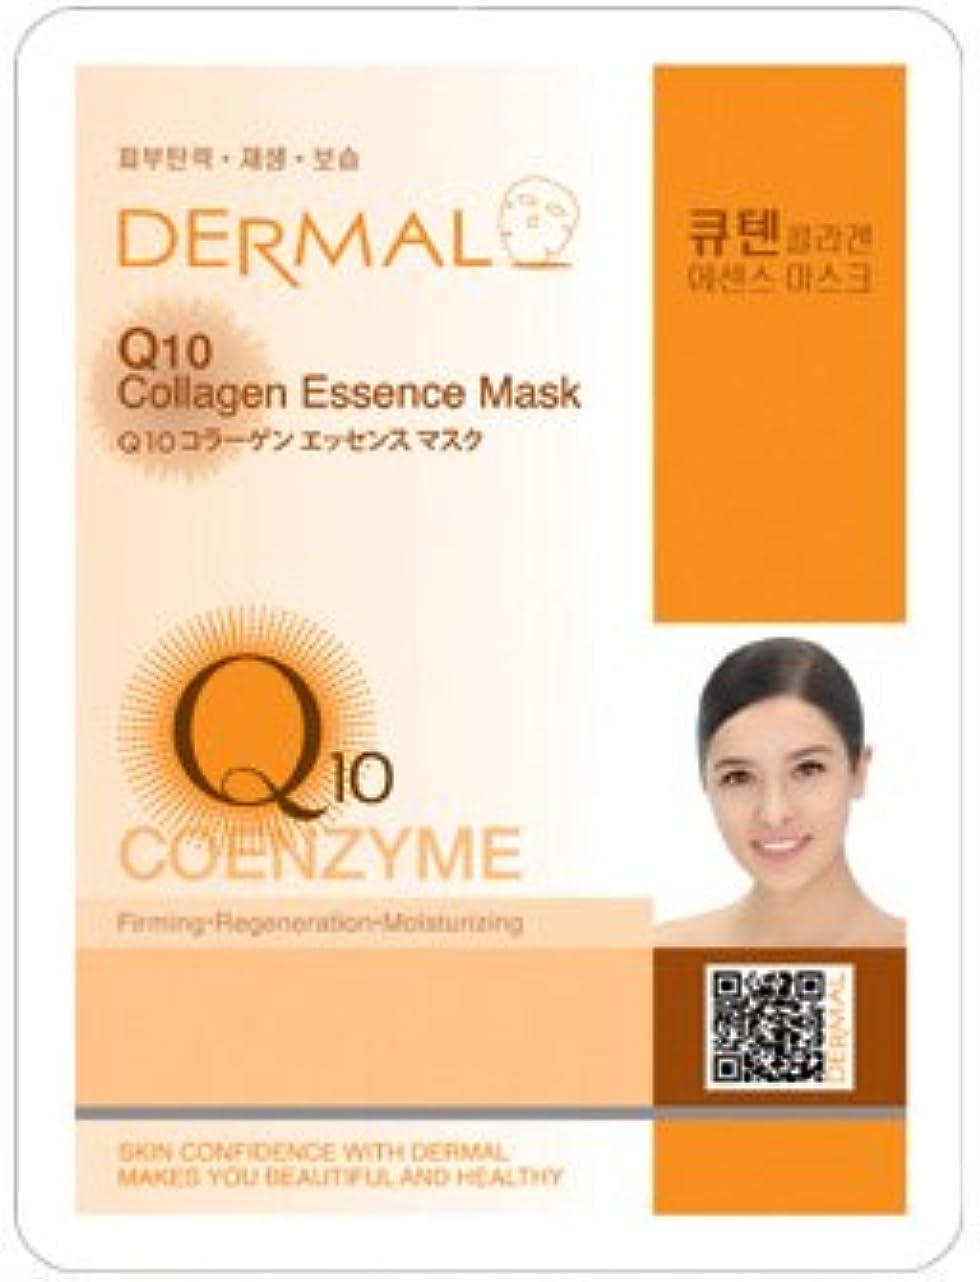 まつげ暫定のしおれたシートマスク Q10 コエンザイム 10枚セット ダーマル(Dermal) フェイス パック